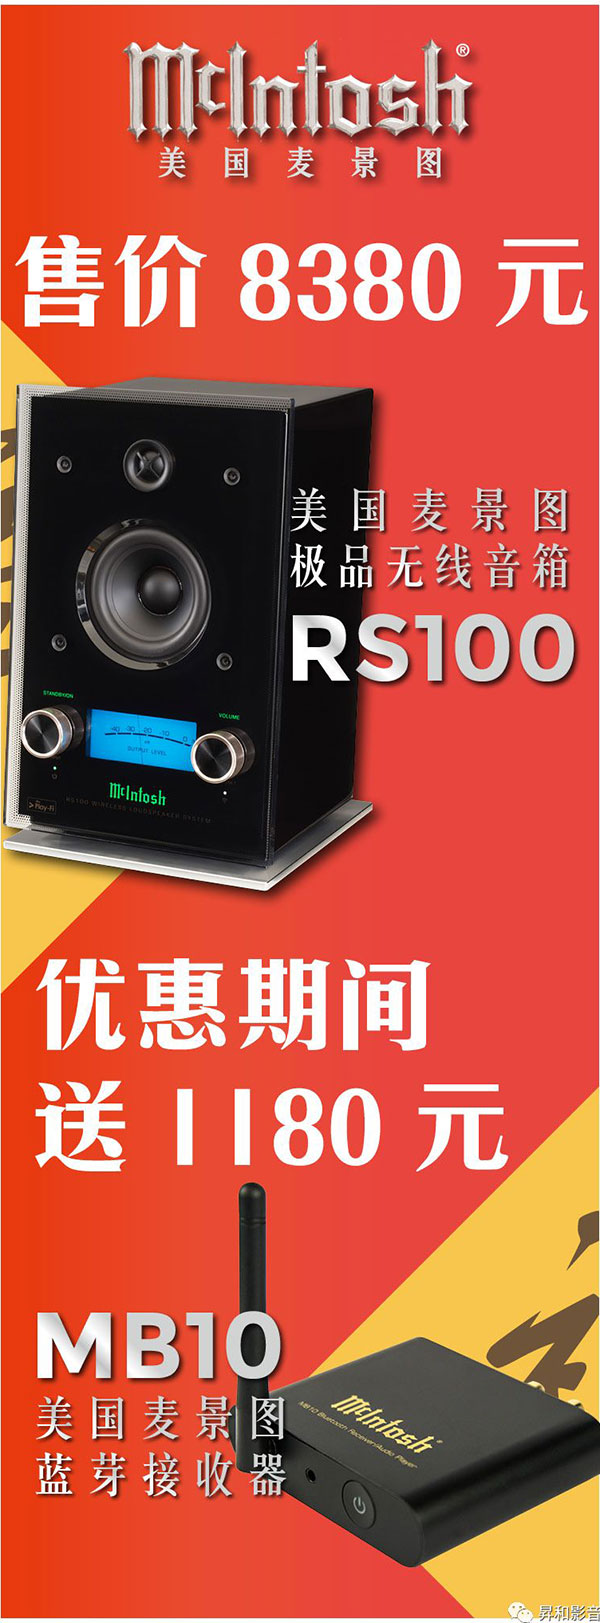 64031 - 新品 | RS100极品无线音箱:一部音箱齐集所有功能